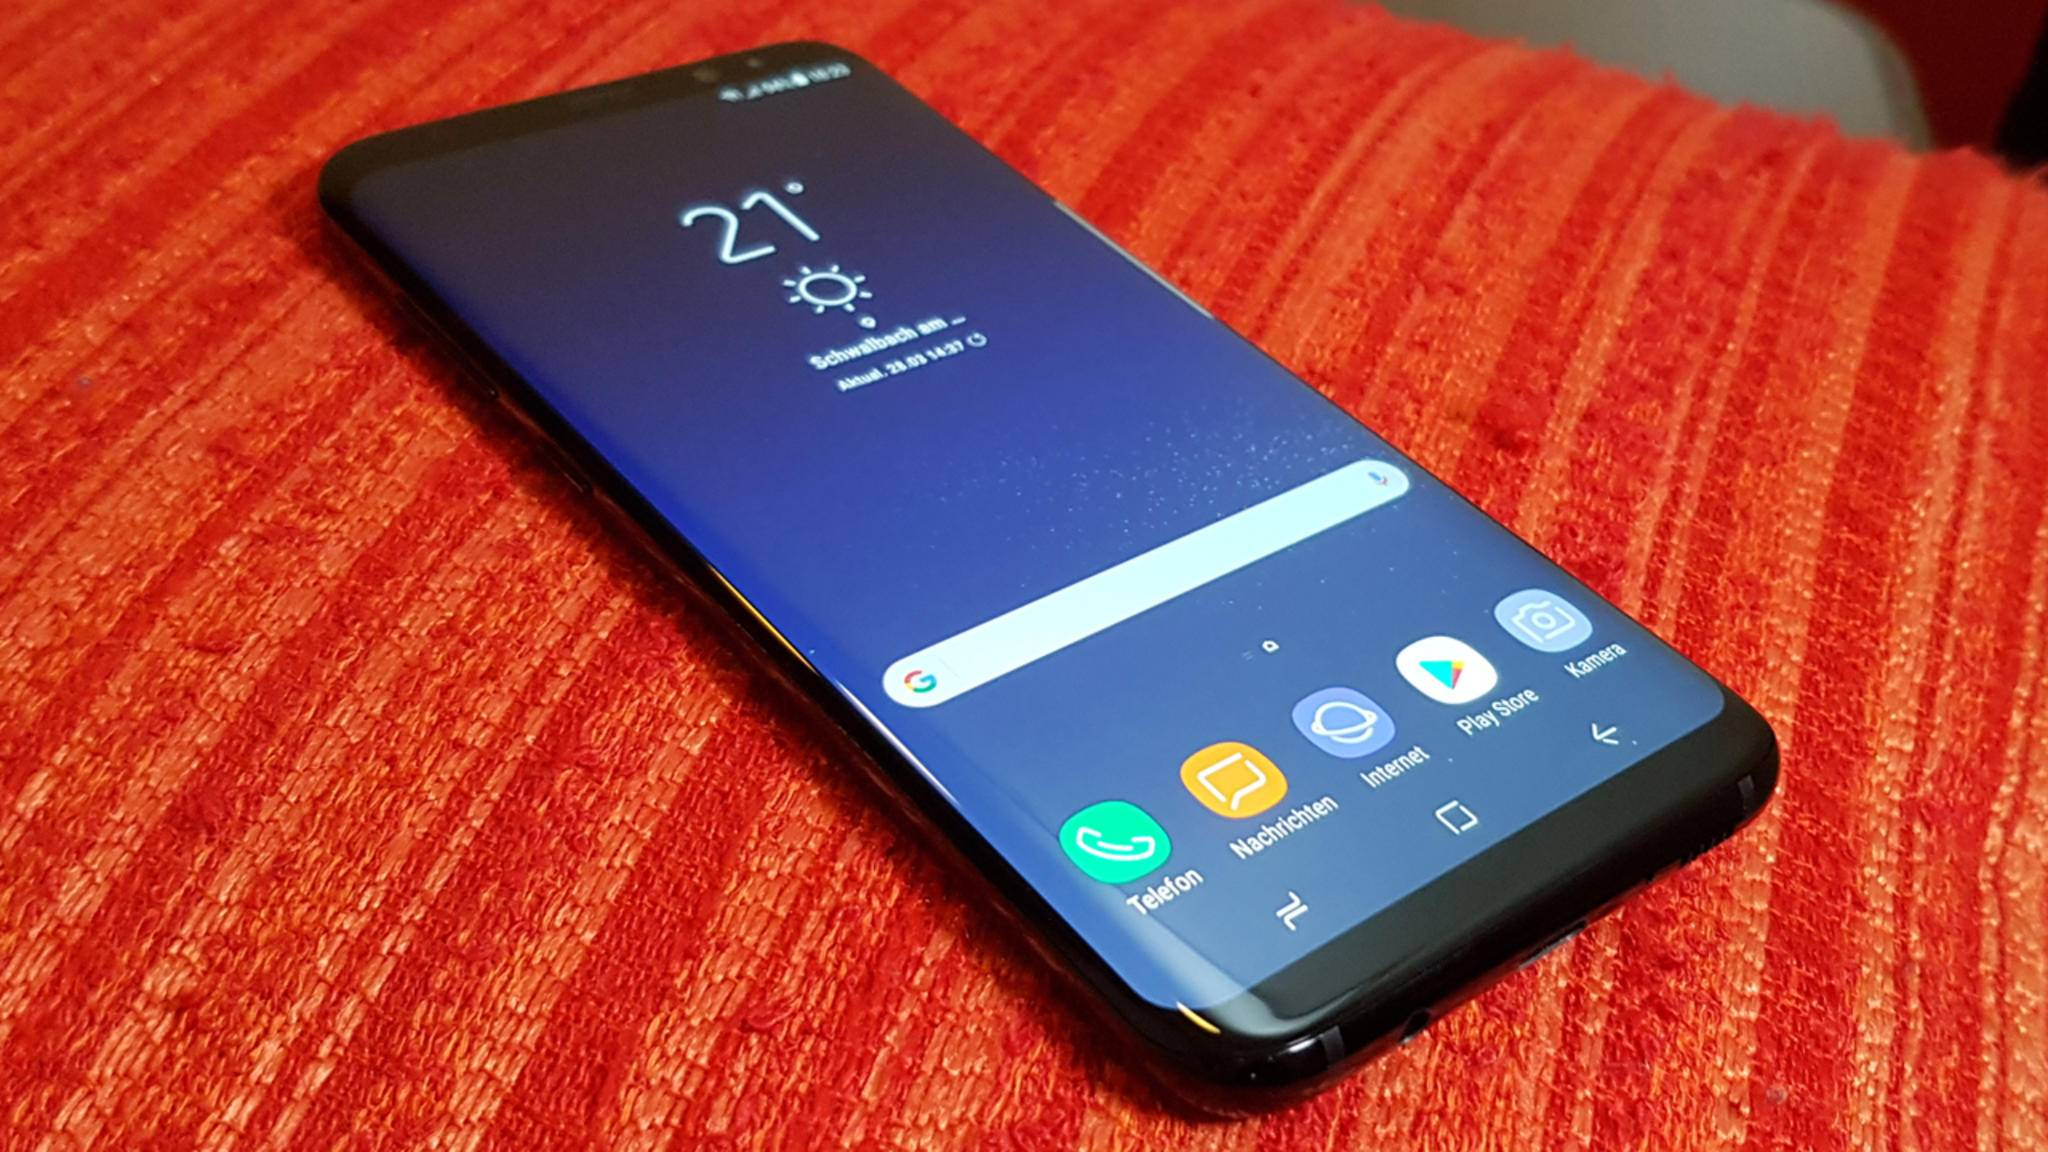 Mit dem Release des Galaxy S8 dürfte Samsung seine Marktdominanz weiter ausbauen.